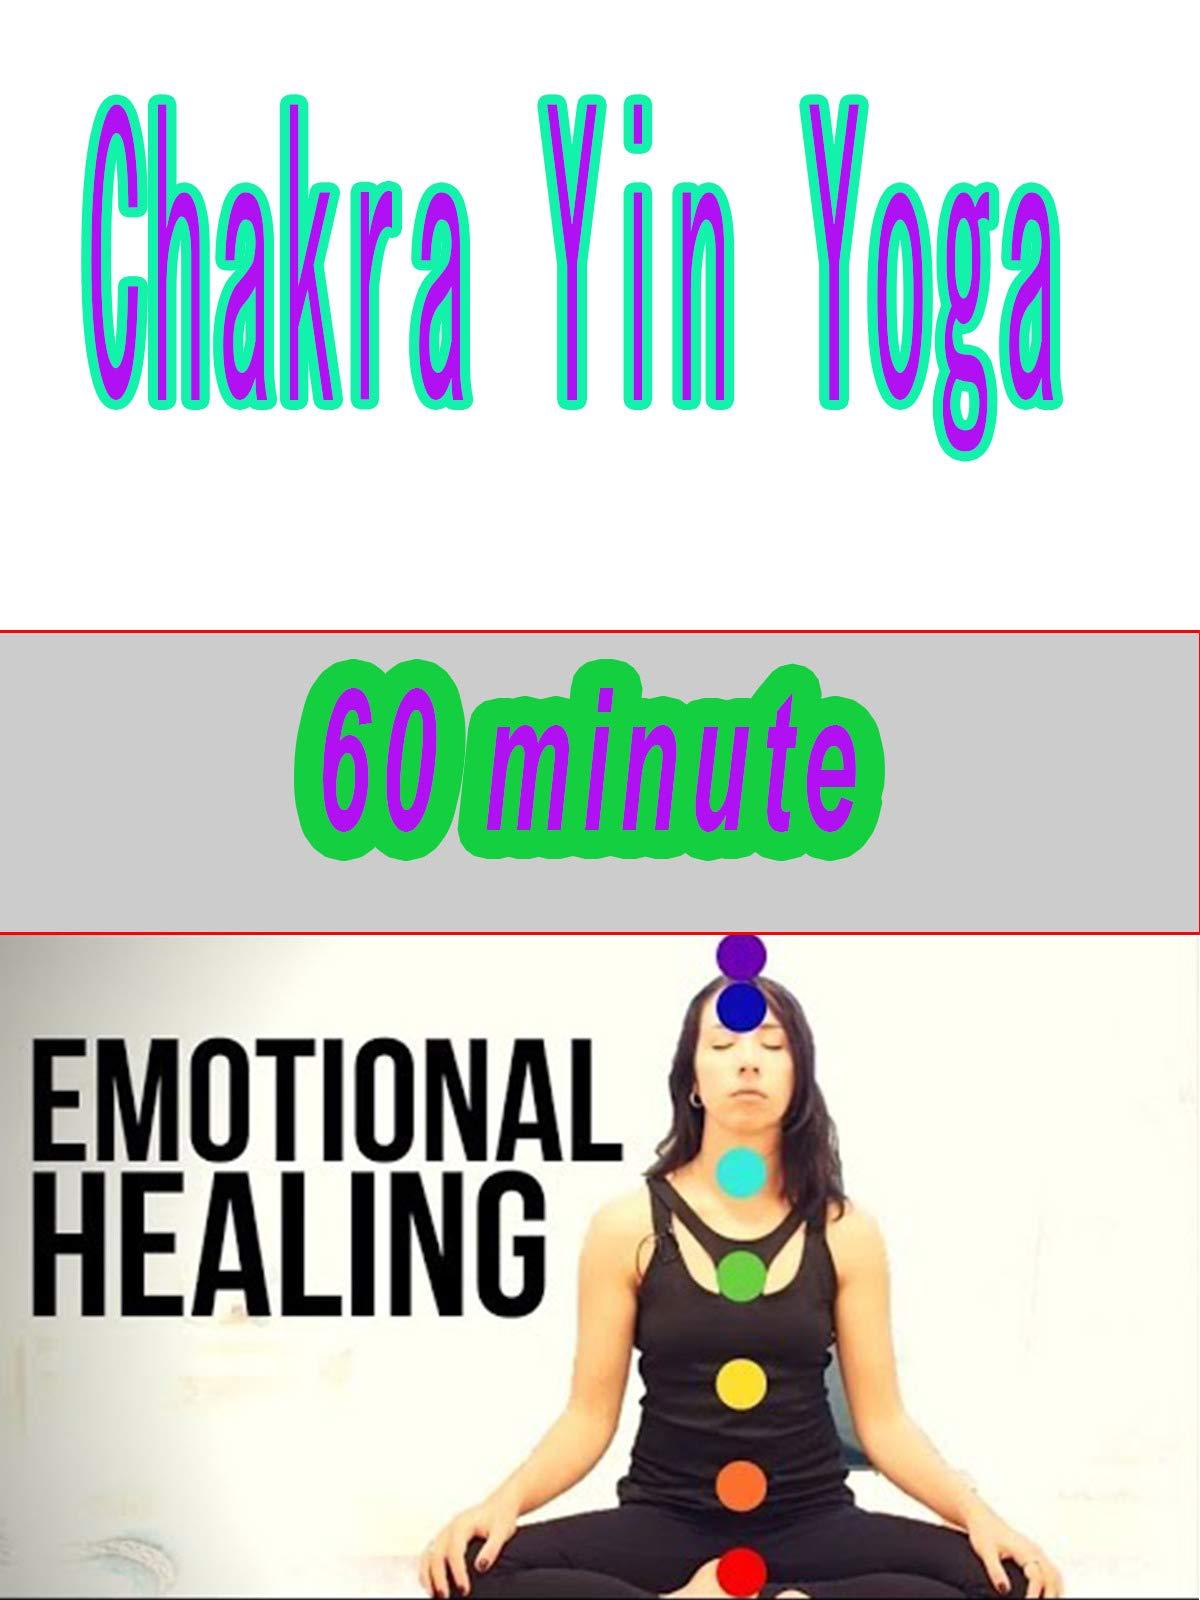 Chakra Yin Yoga for Emotional Healing - 60 minute